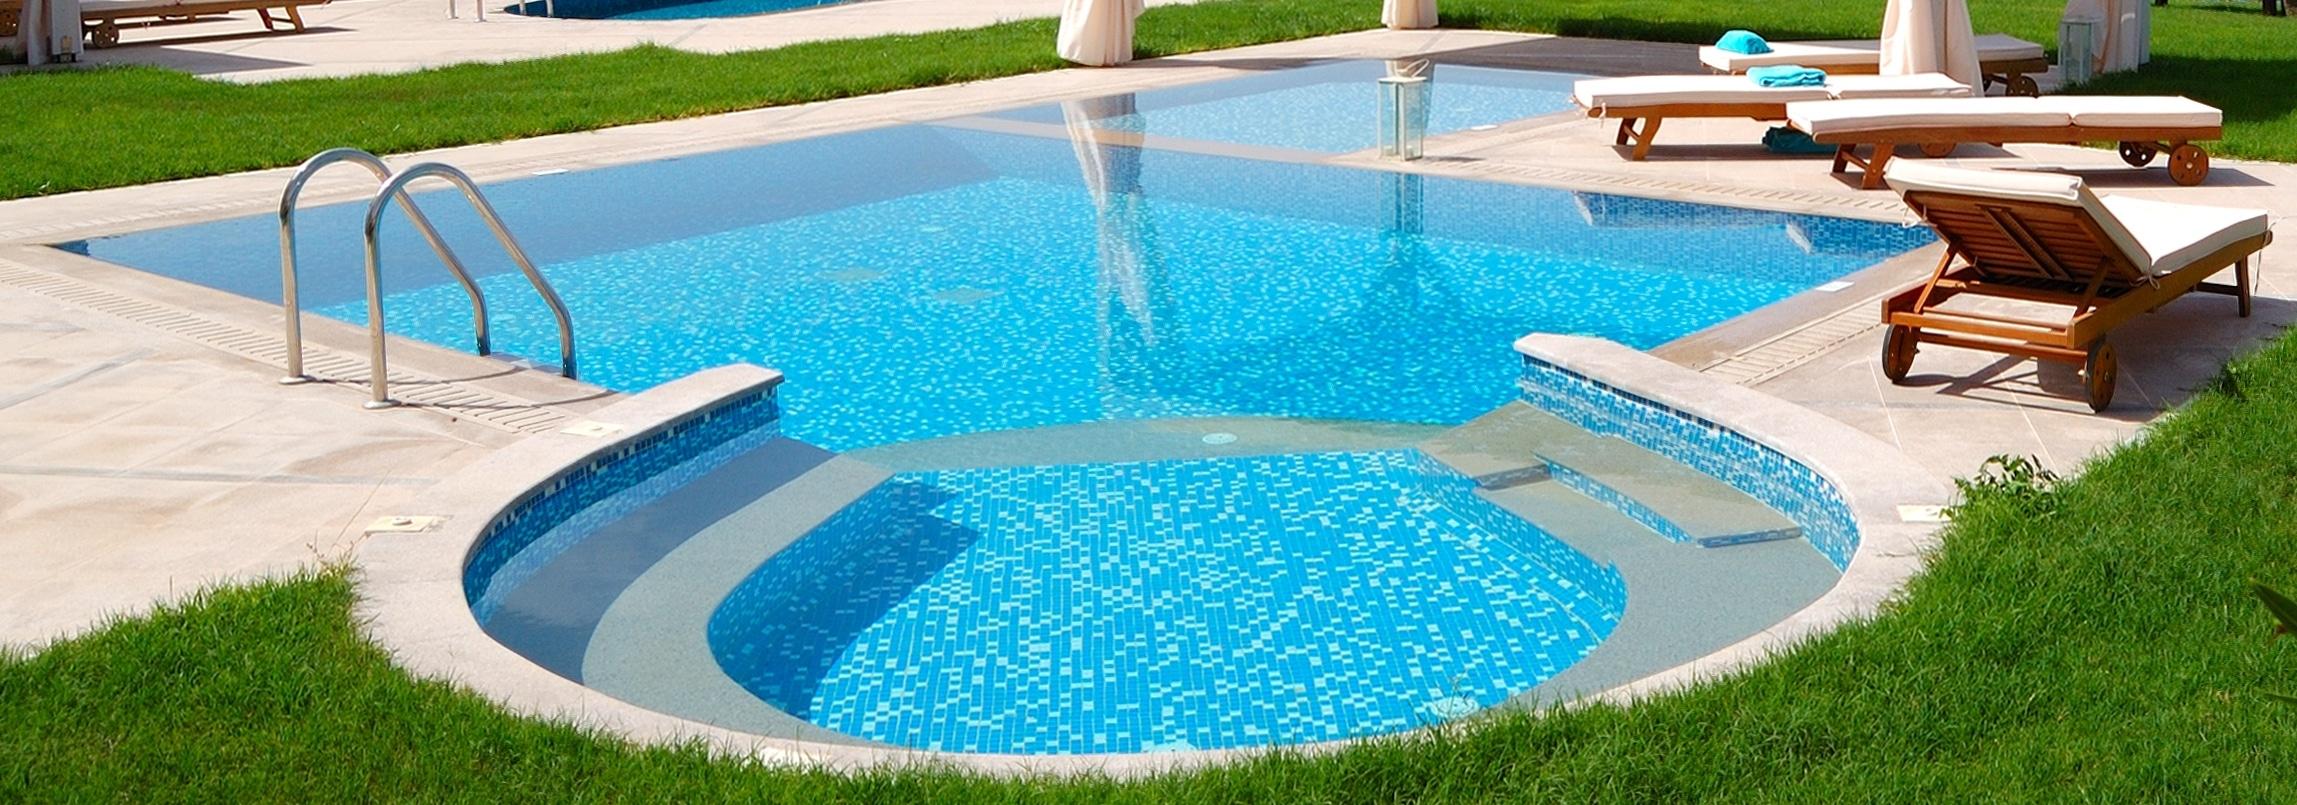 Como hacer una piscina con material reciclable for Materiales para construir una piscina